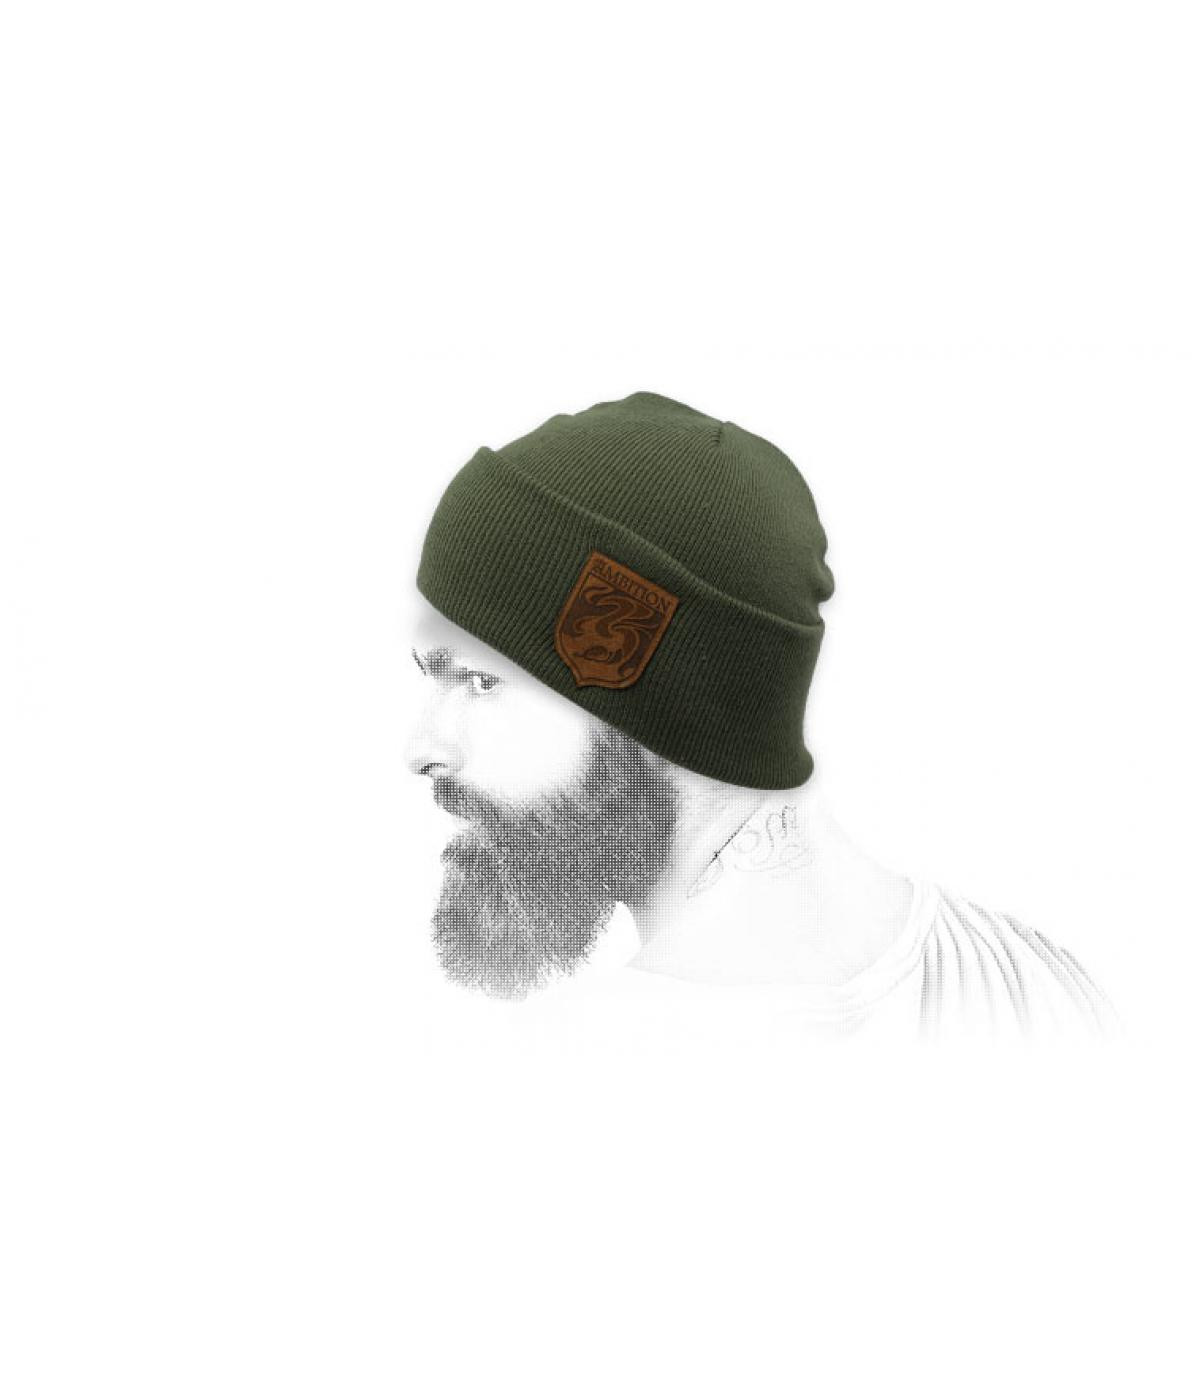 Mütze Ambition grün